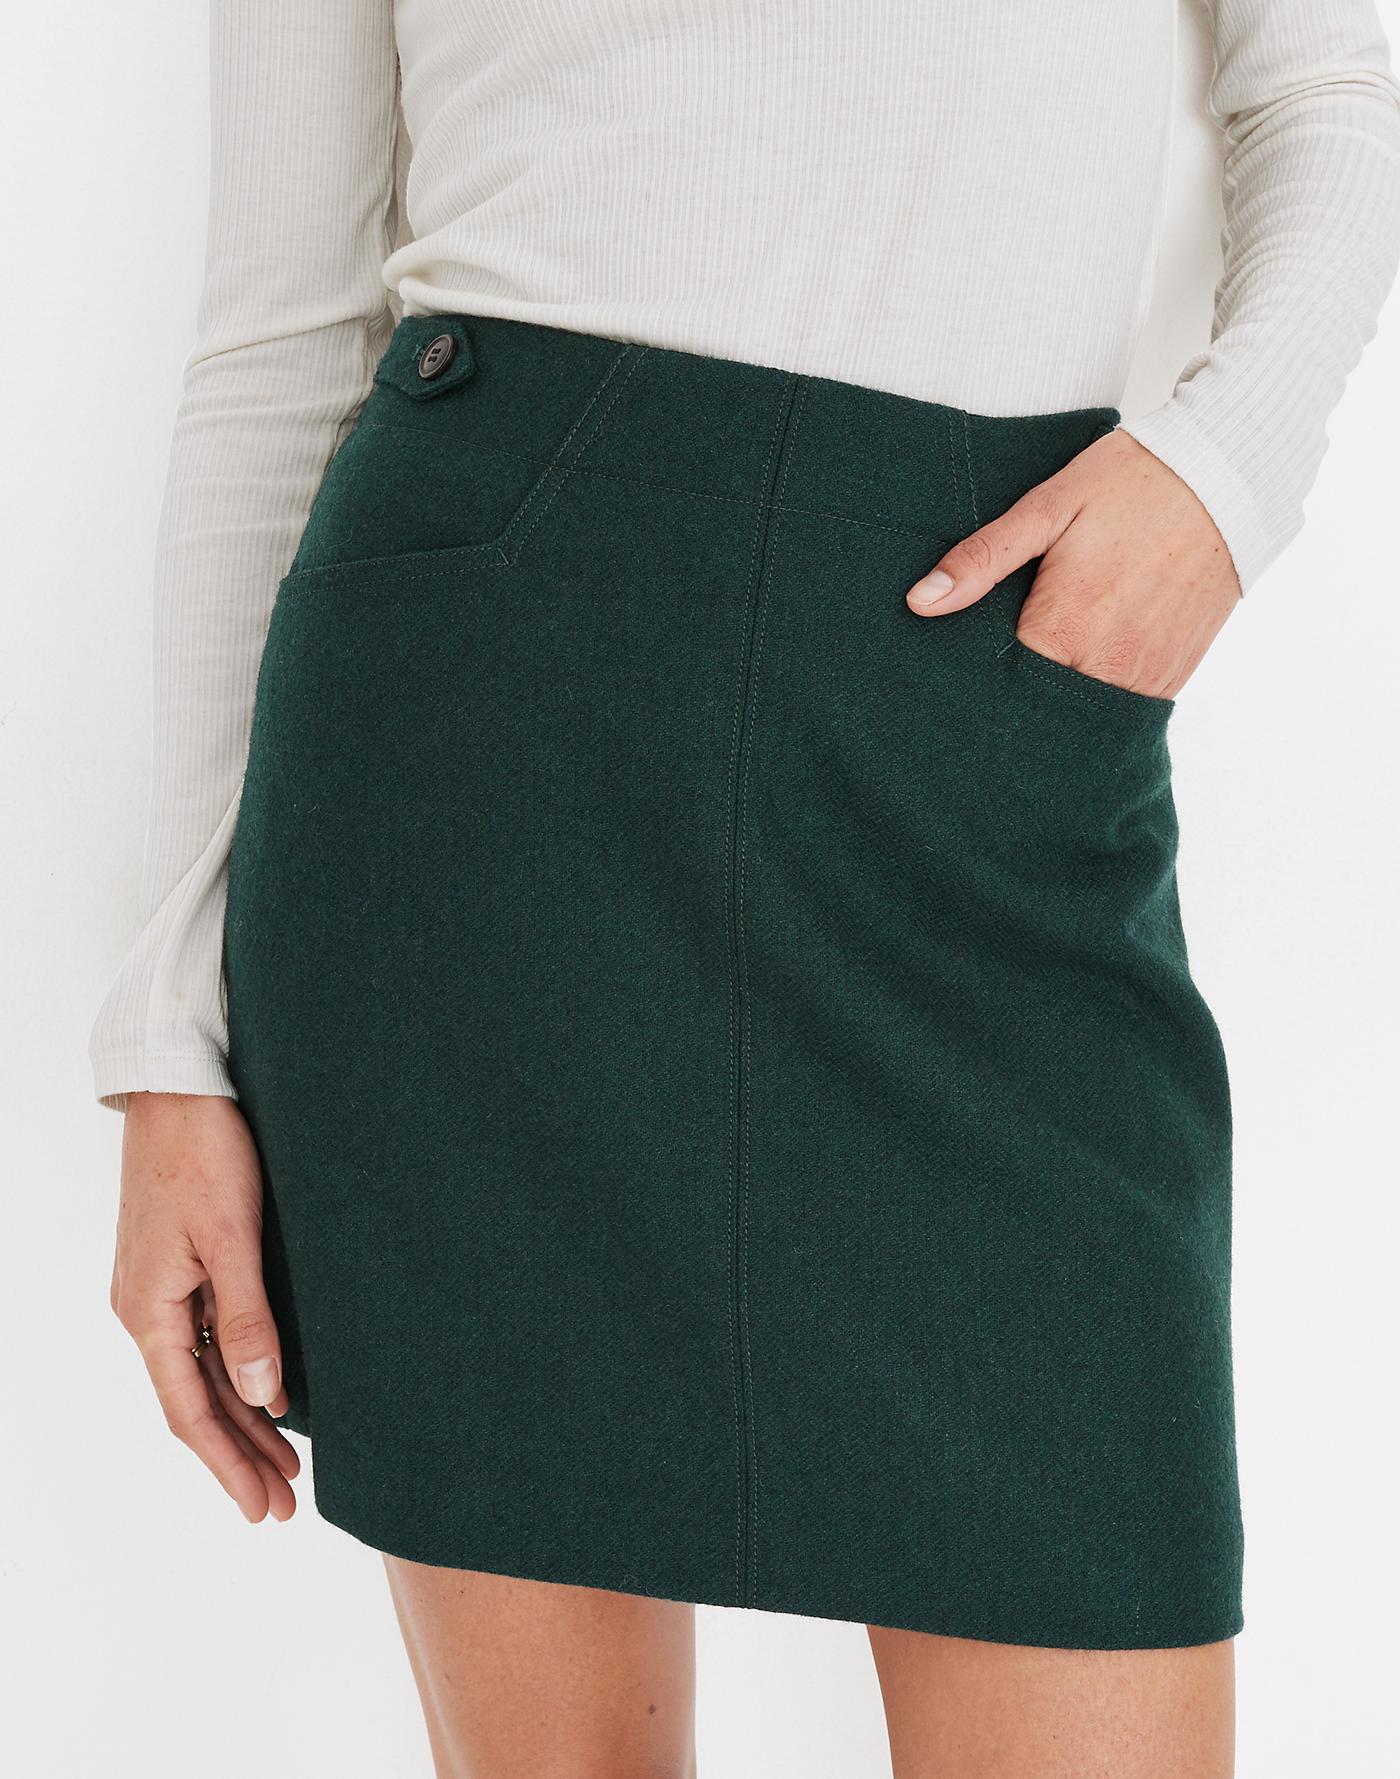 Model wearing green skirt